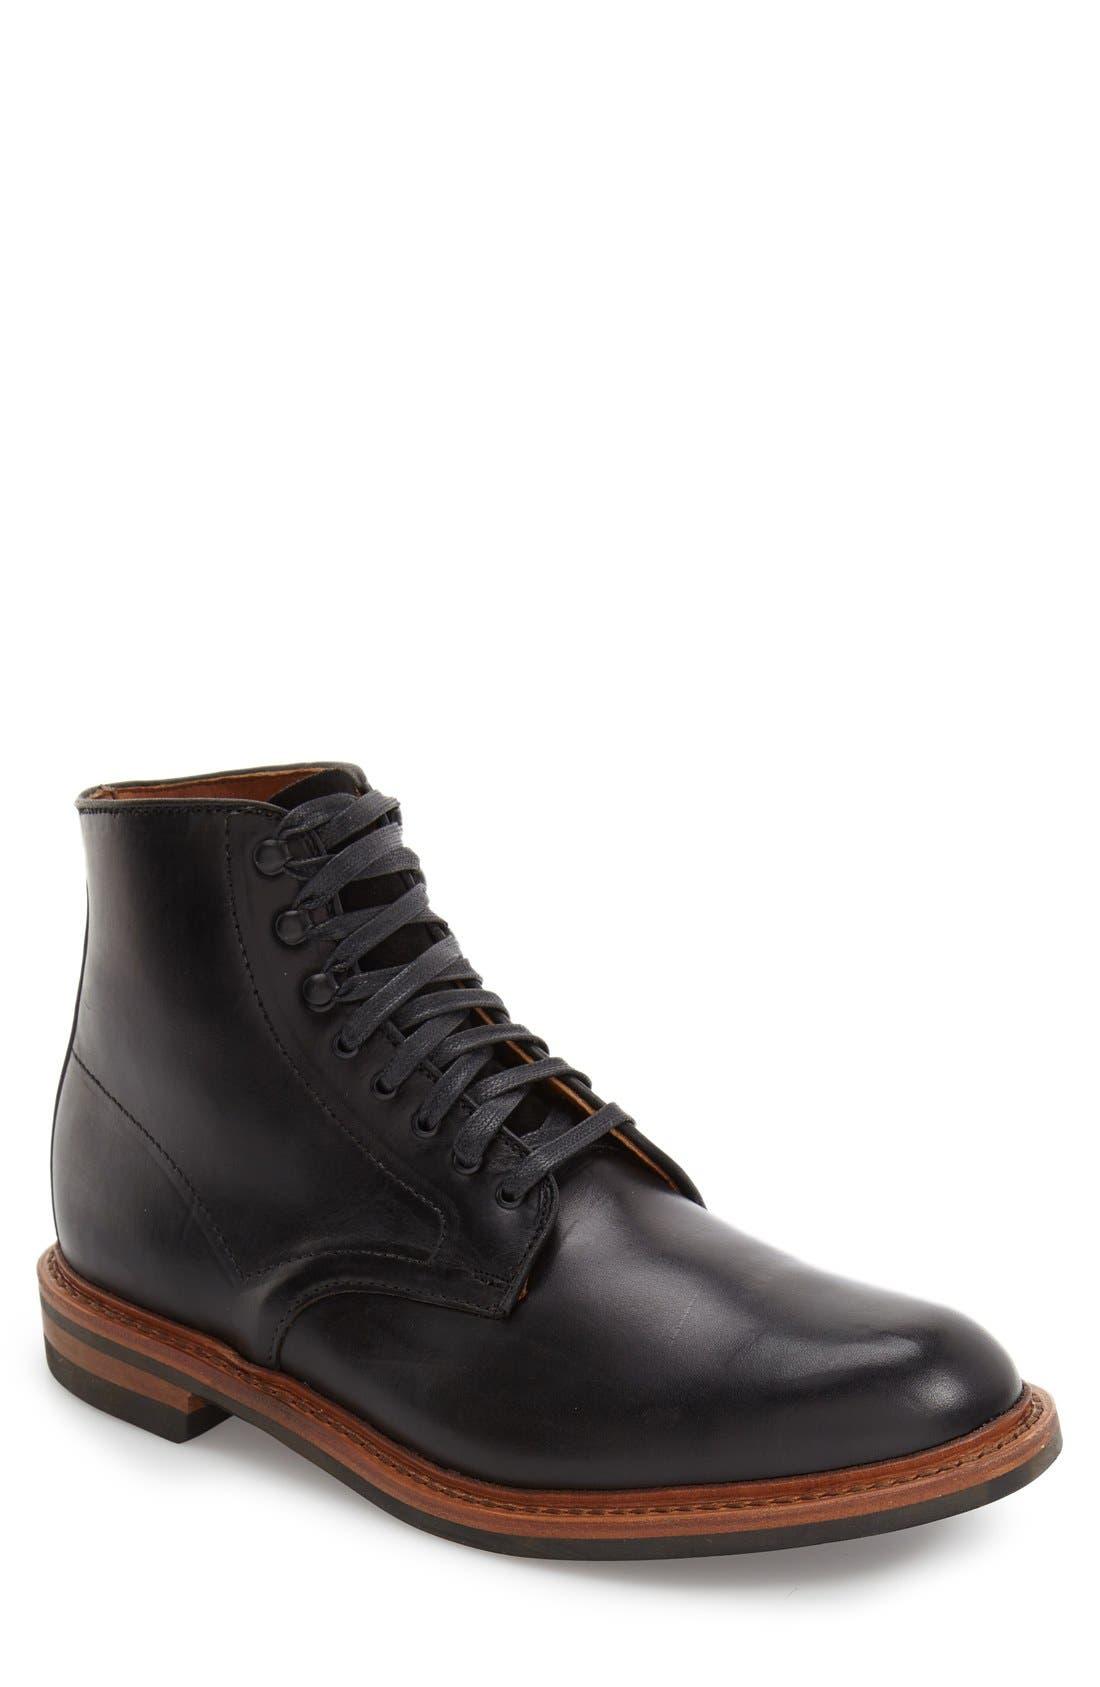 ALLEN EDMONDS, 'Higgins Mill' Plain Toe Boot, Main thumbnail 1, color, 001